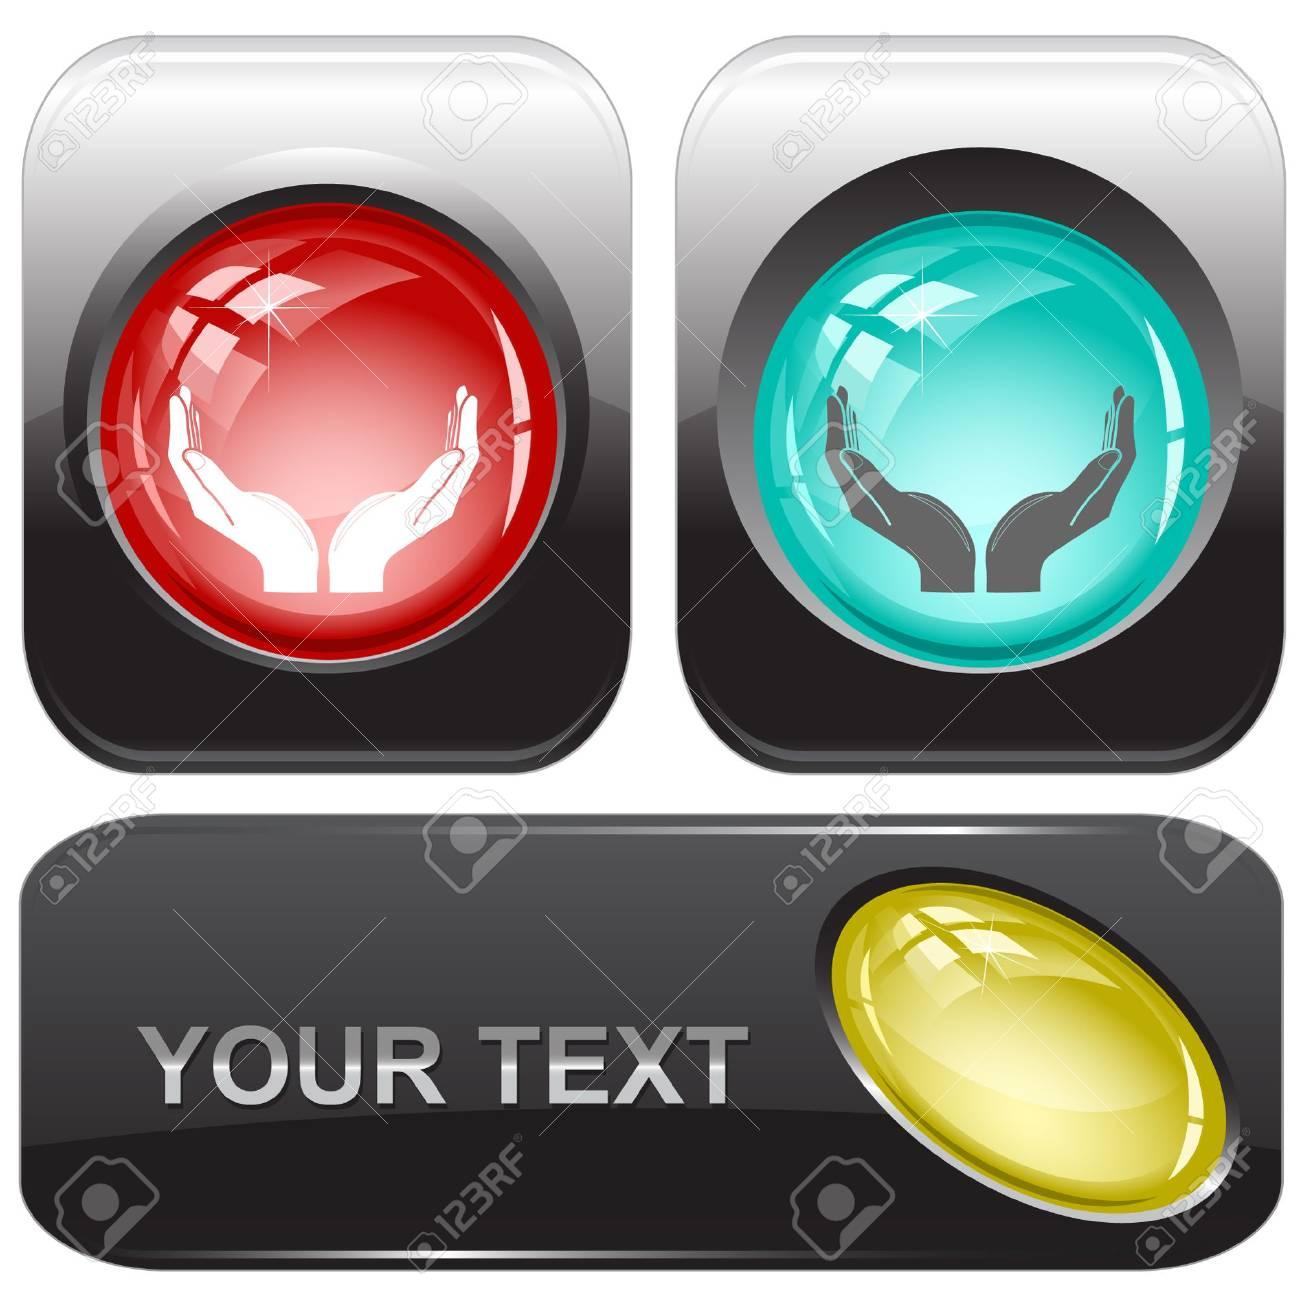 Human hands. internet buttons. Stock Vector - 6776147